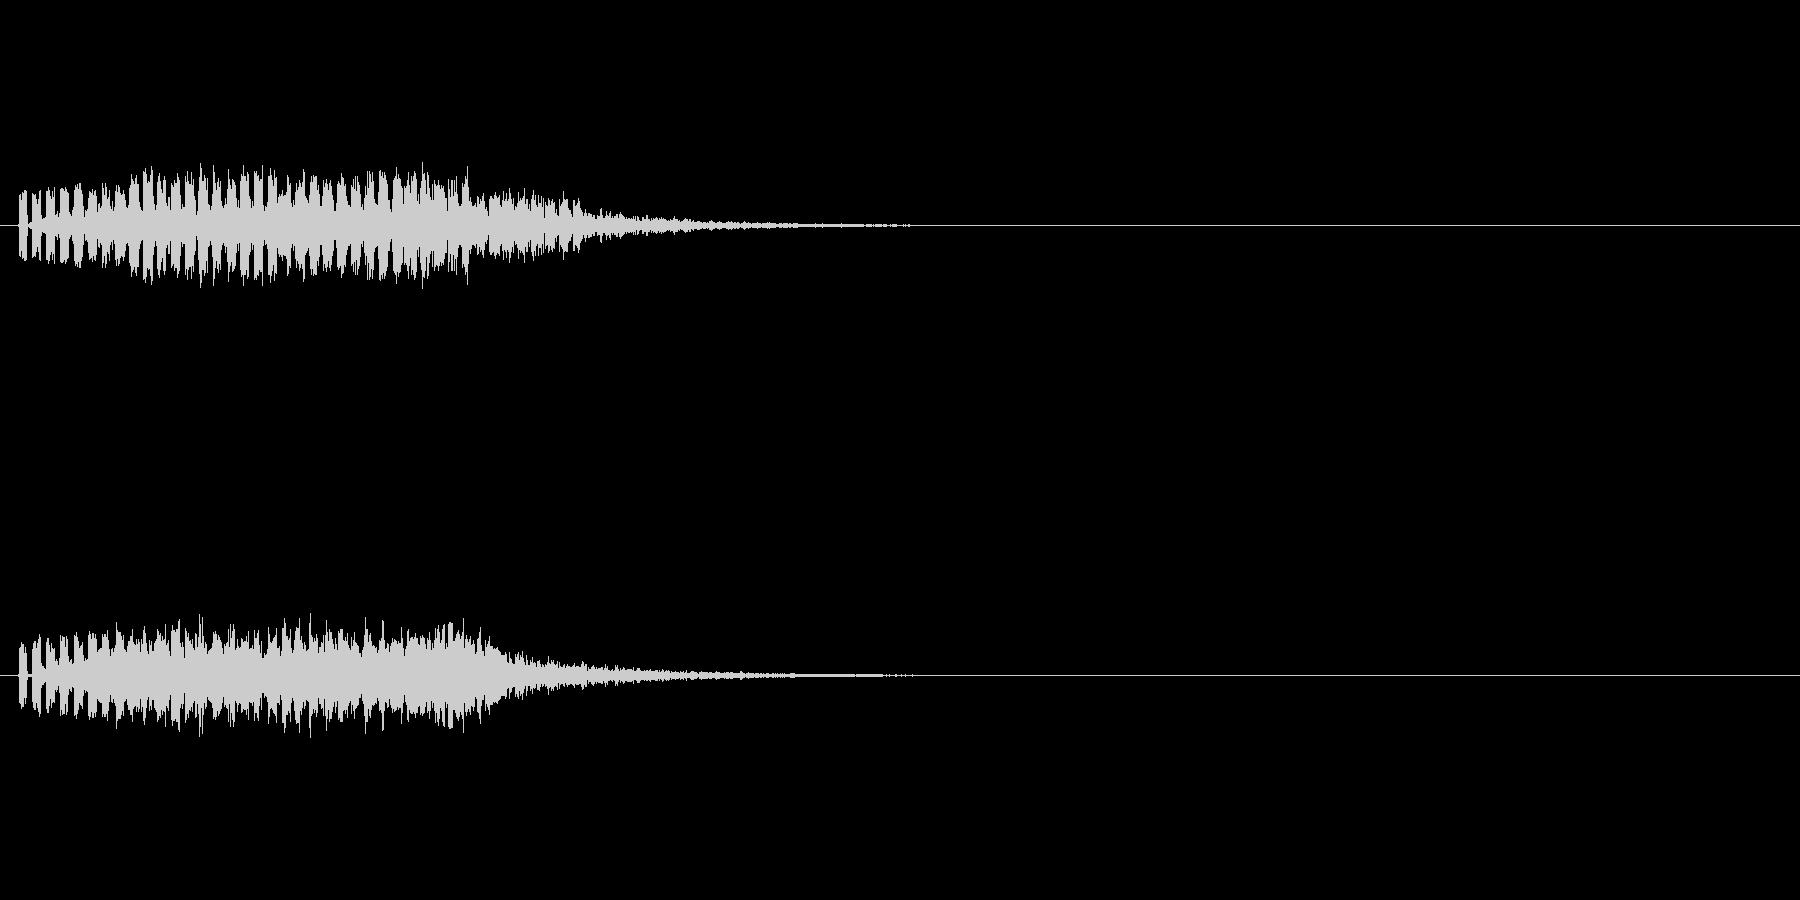 落下するような電子音の未再生の波形